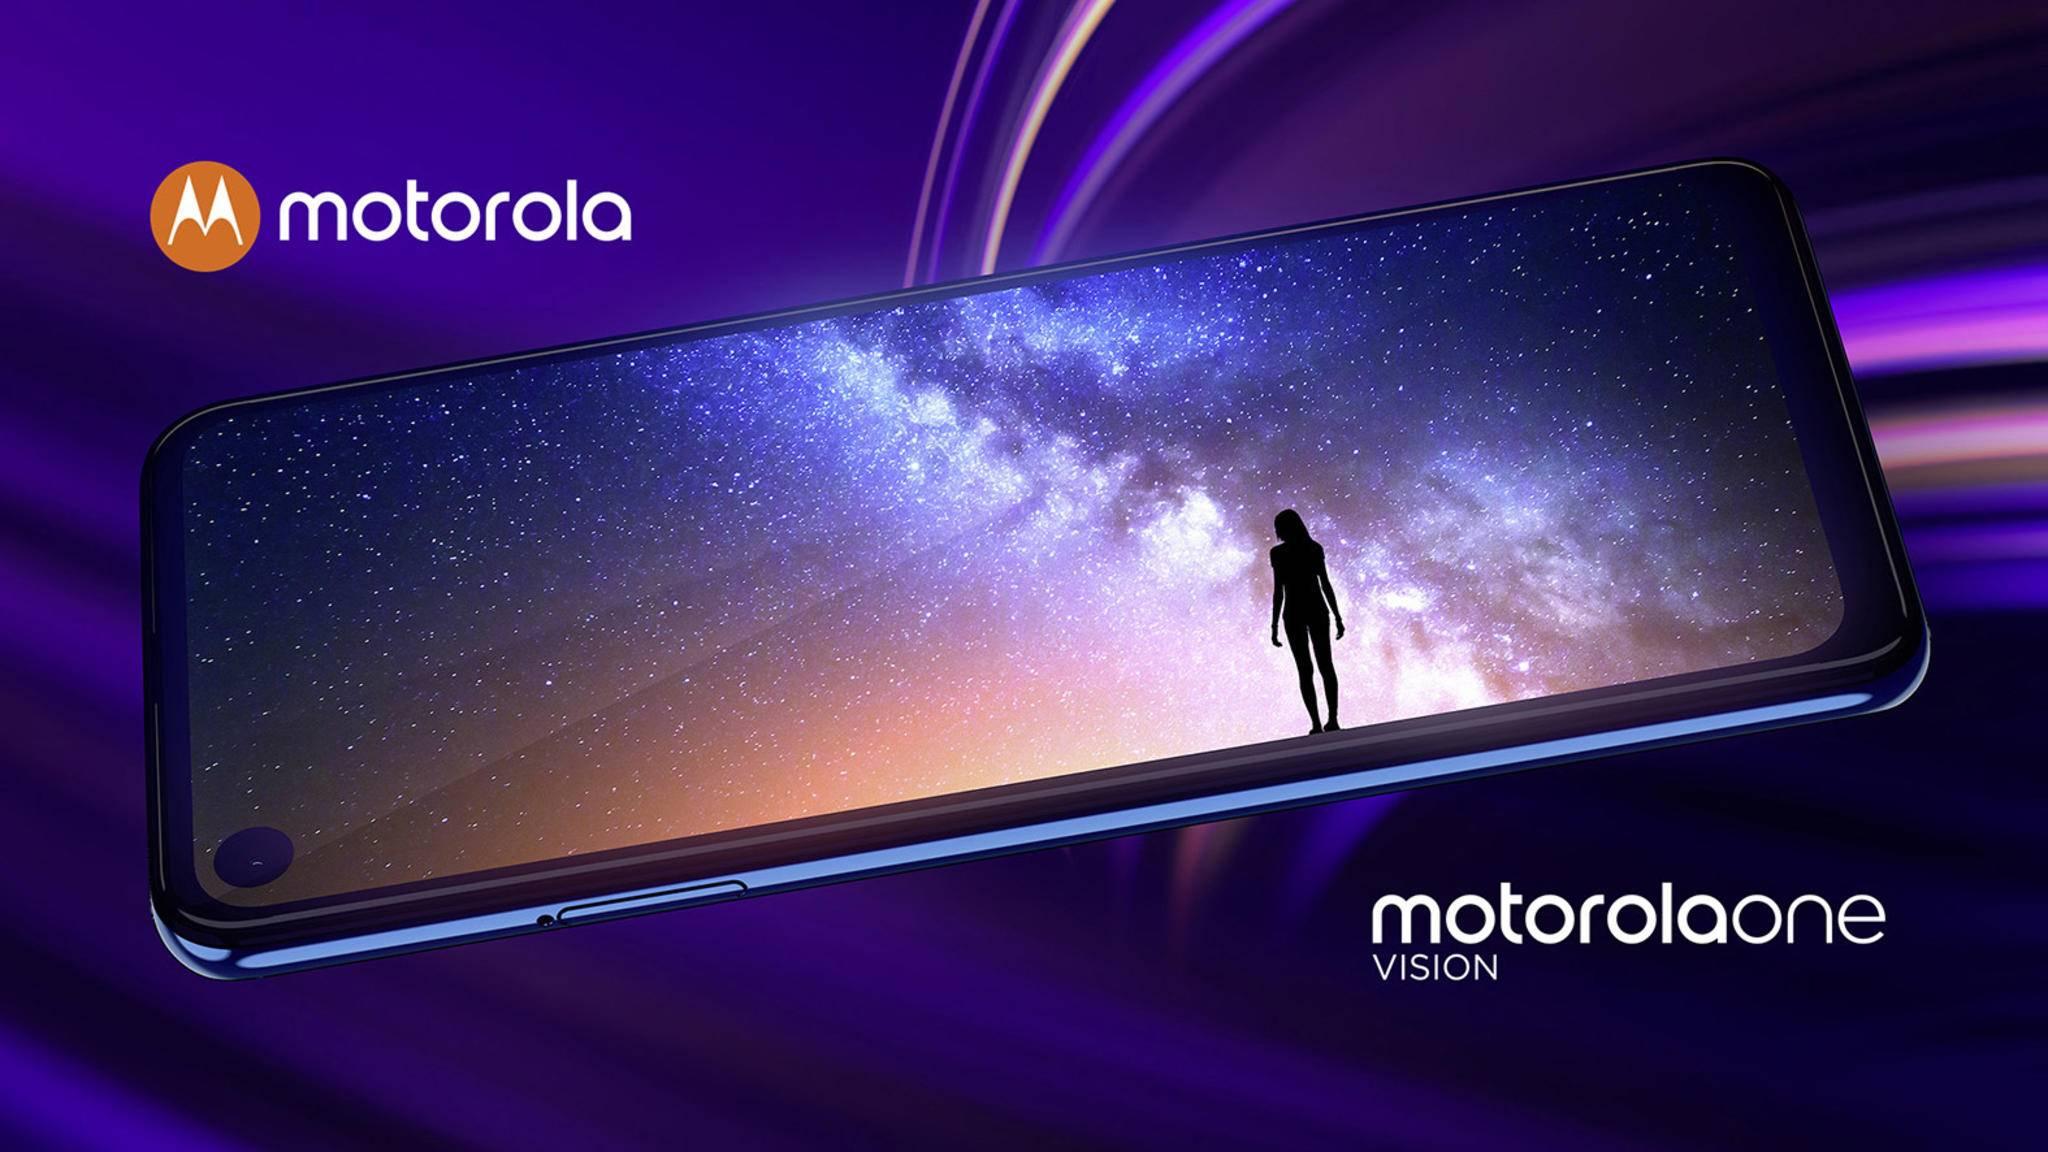 Sieht nicht nur schick aus, sondern hat auch ordentlich was zu bieten: das neue Motorola One Vision.